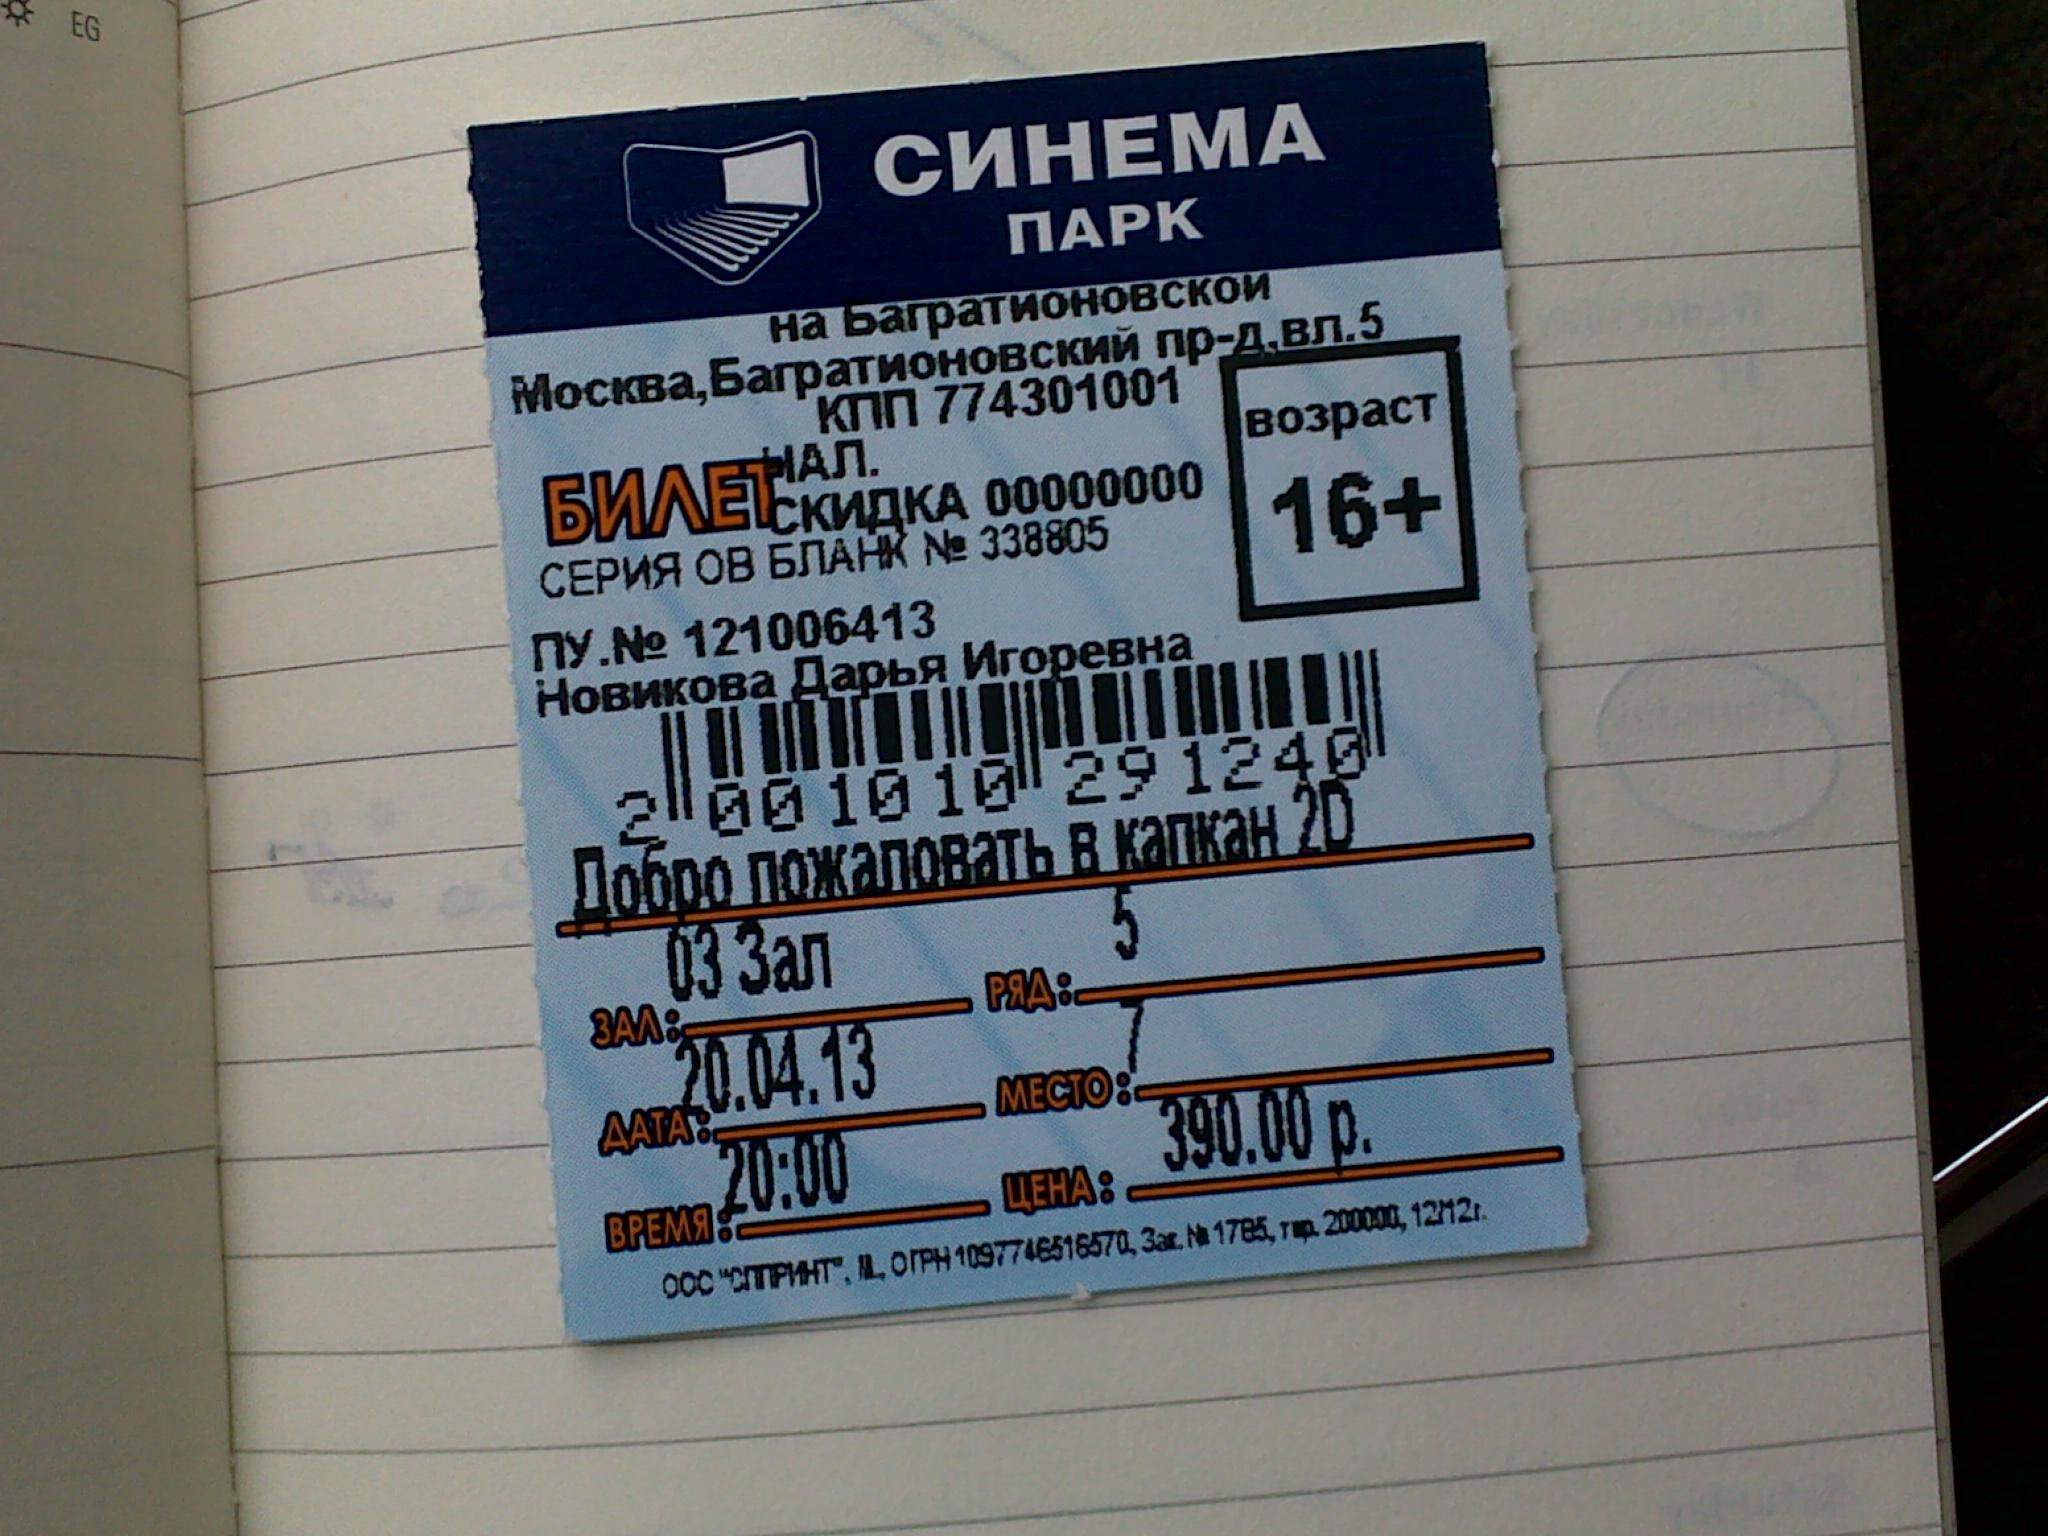 http://s4.uploads.ru/6M0sp.jpg